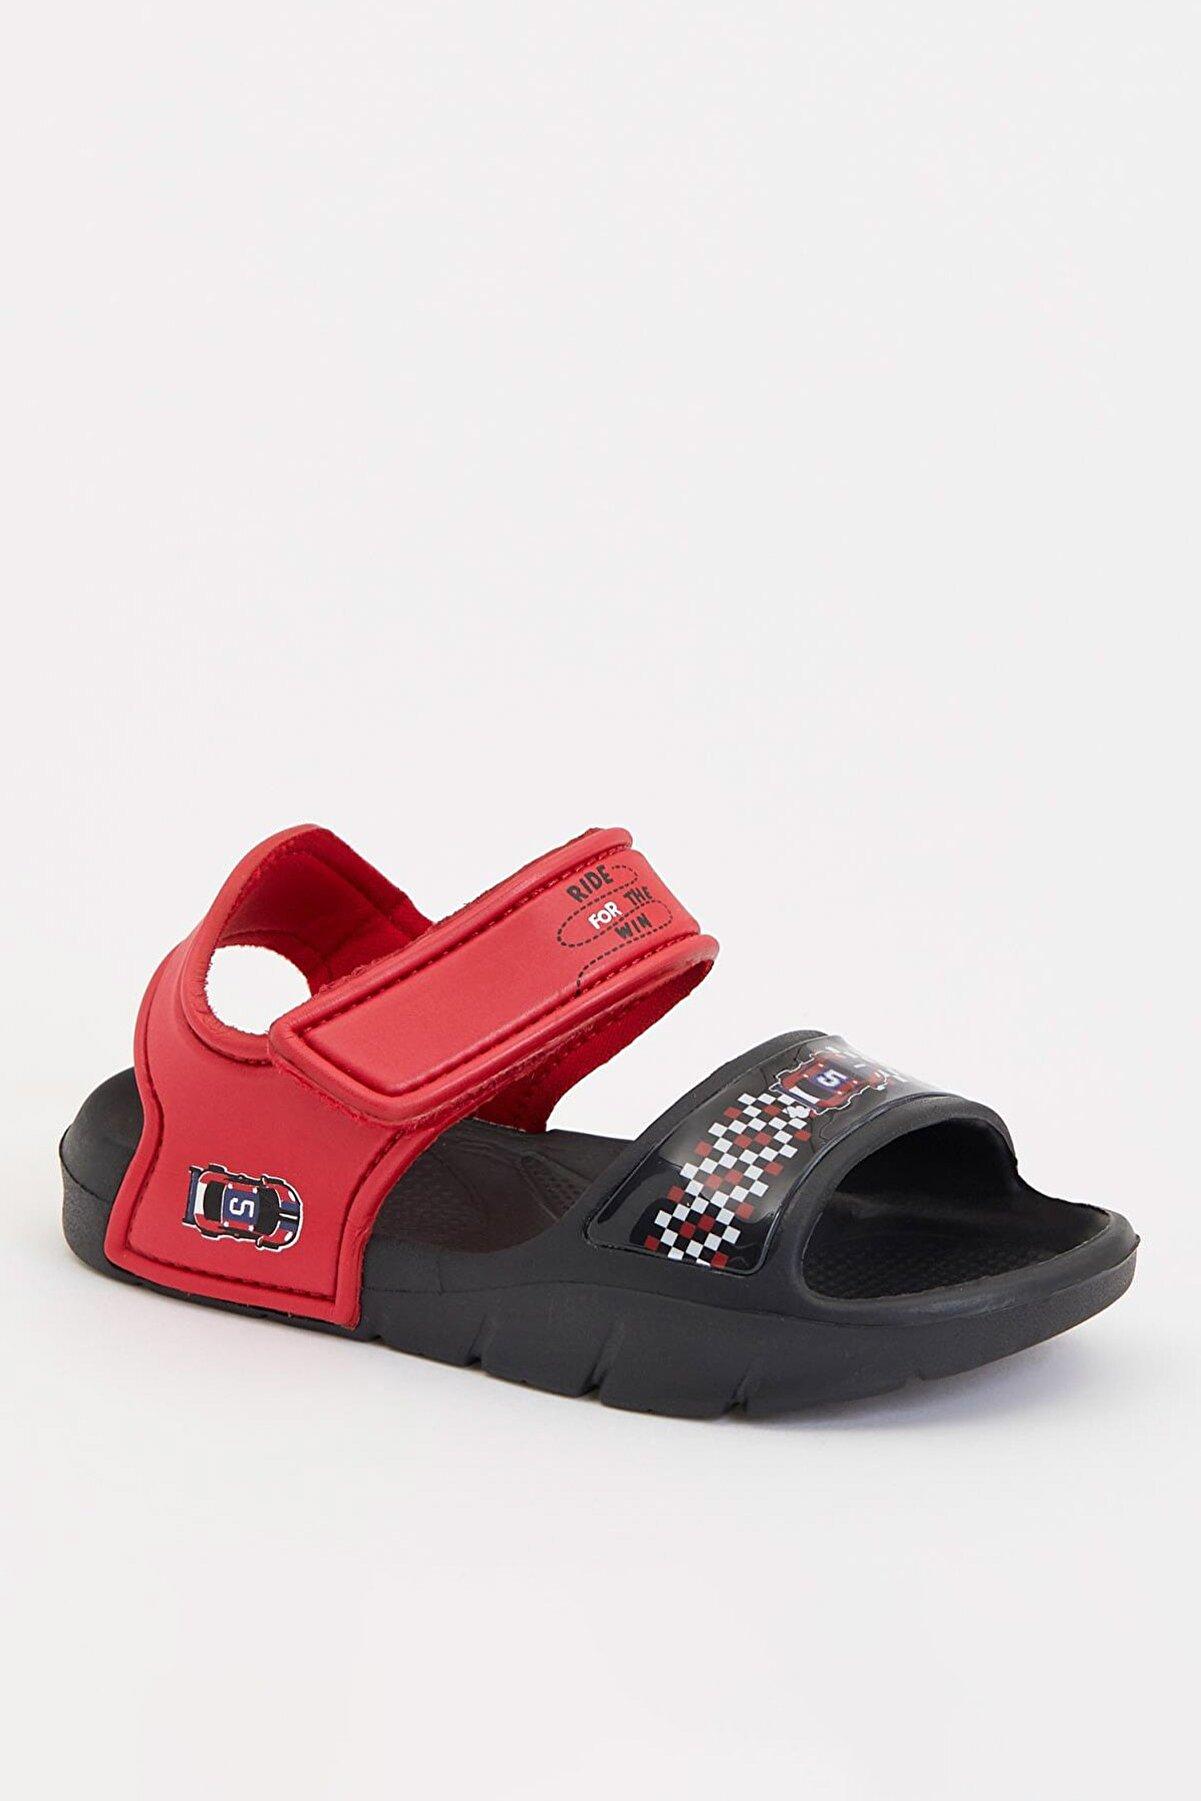 Defacto Erkek Çocuk Araba Baskılı Sandalet